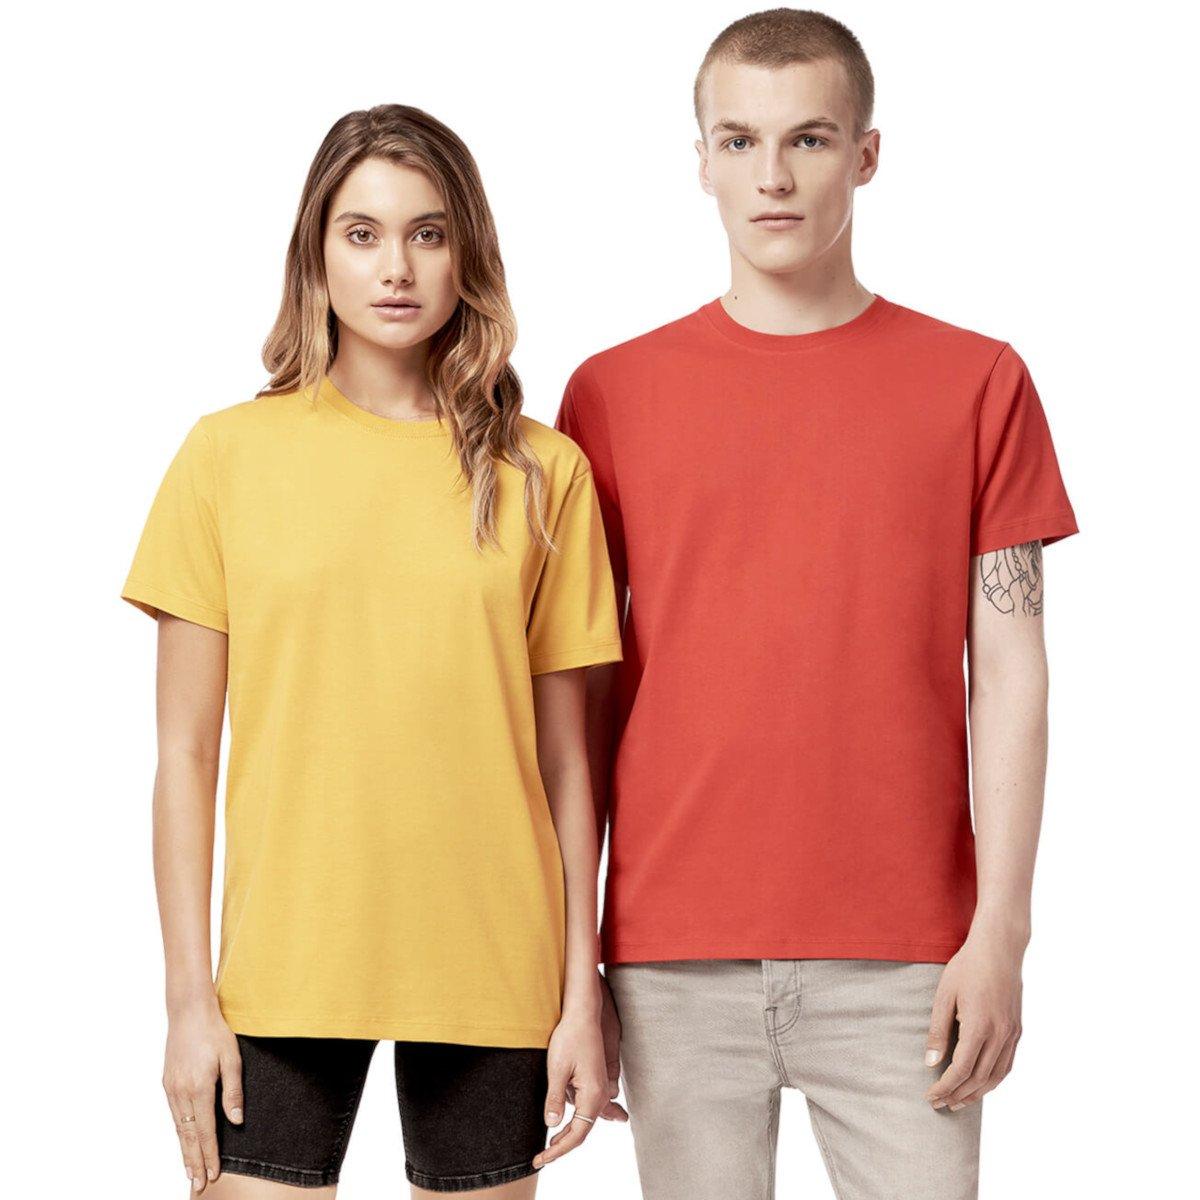 T-shirt unisex manica corta Colori Caldi in cotone biologico